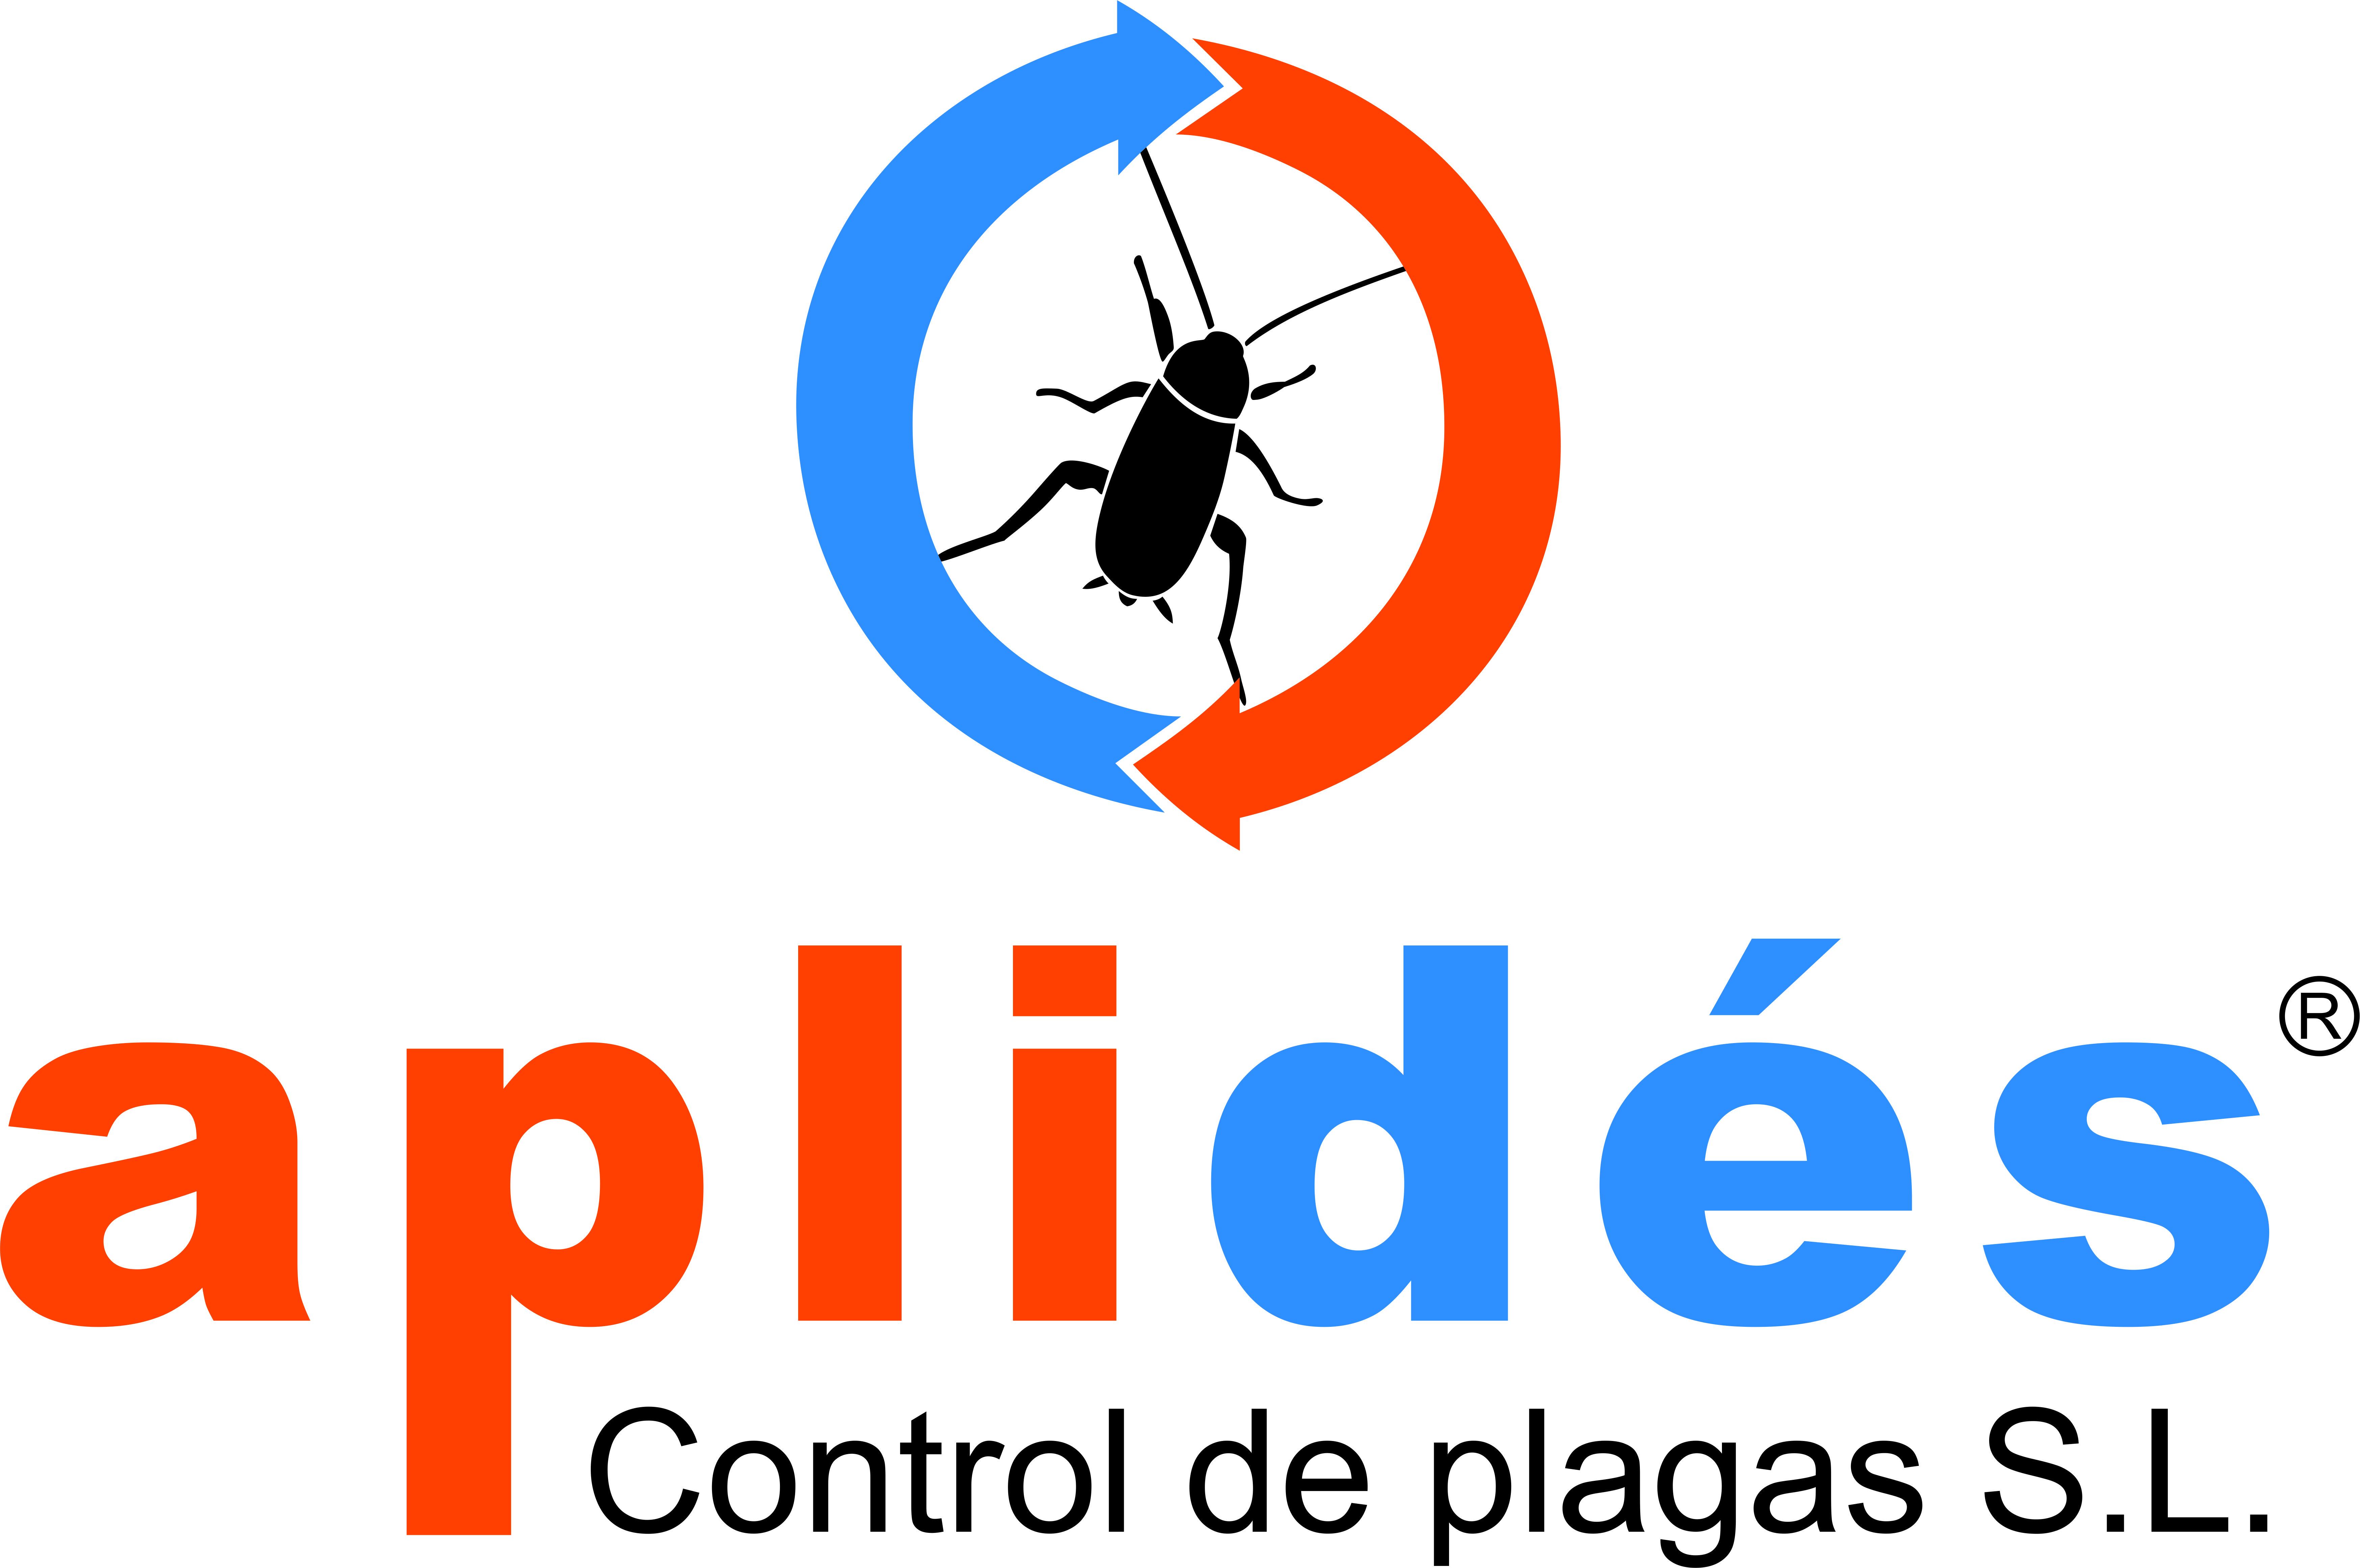 Aplides Control De Plagas, S.l.